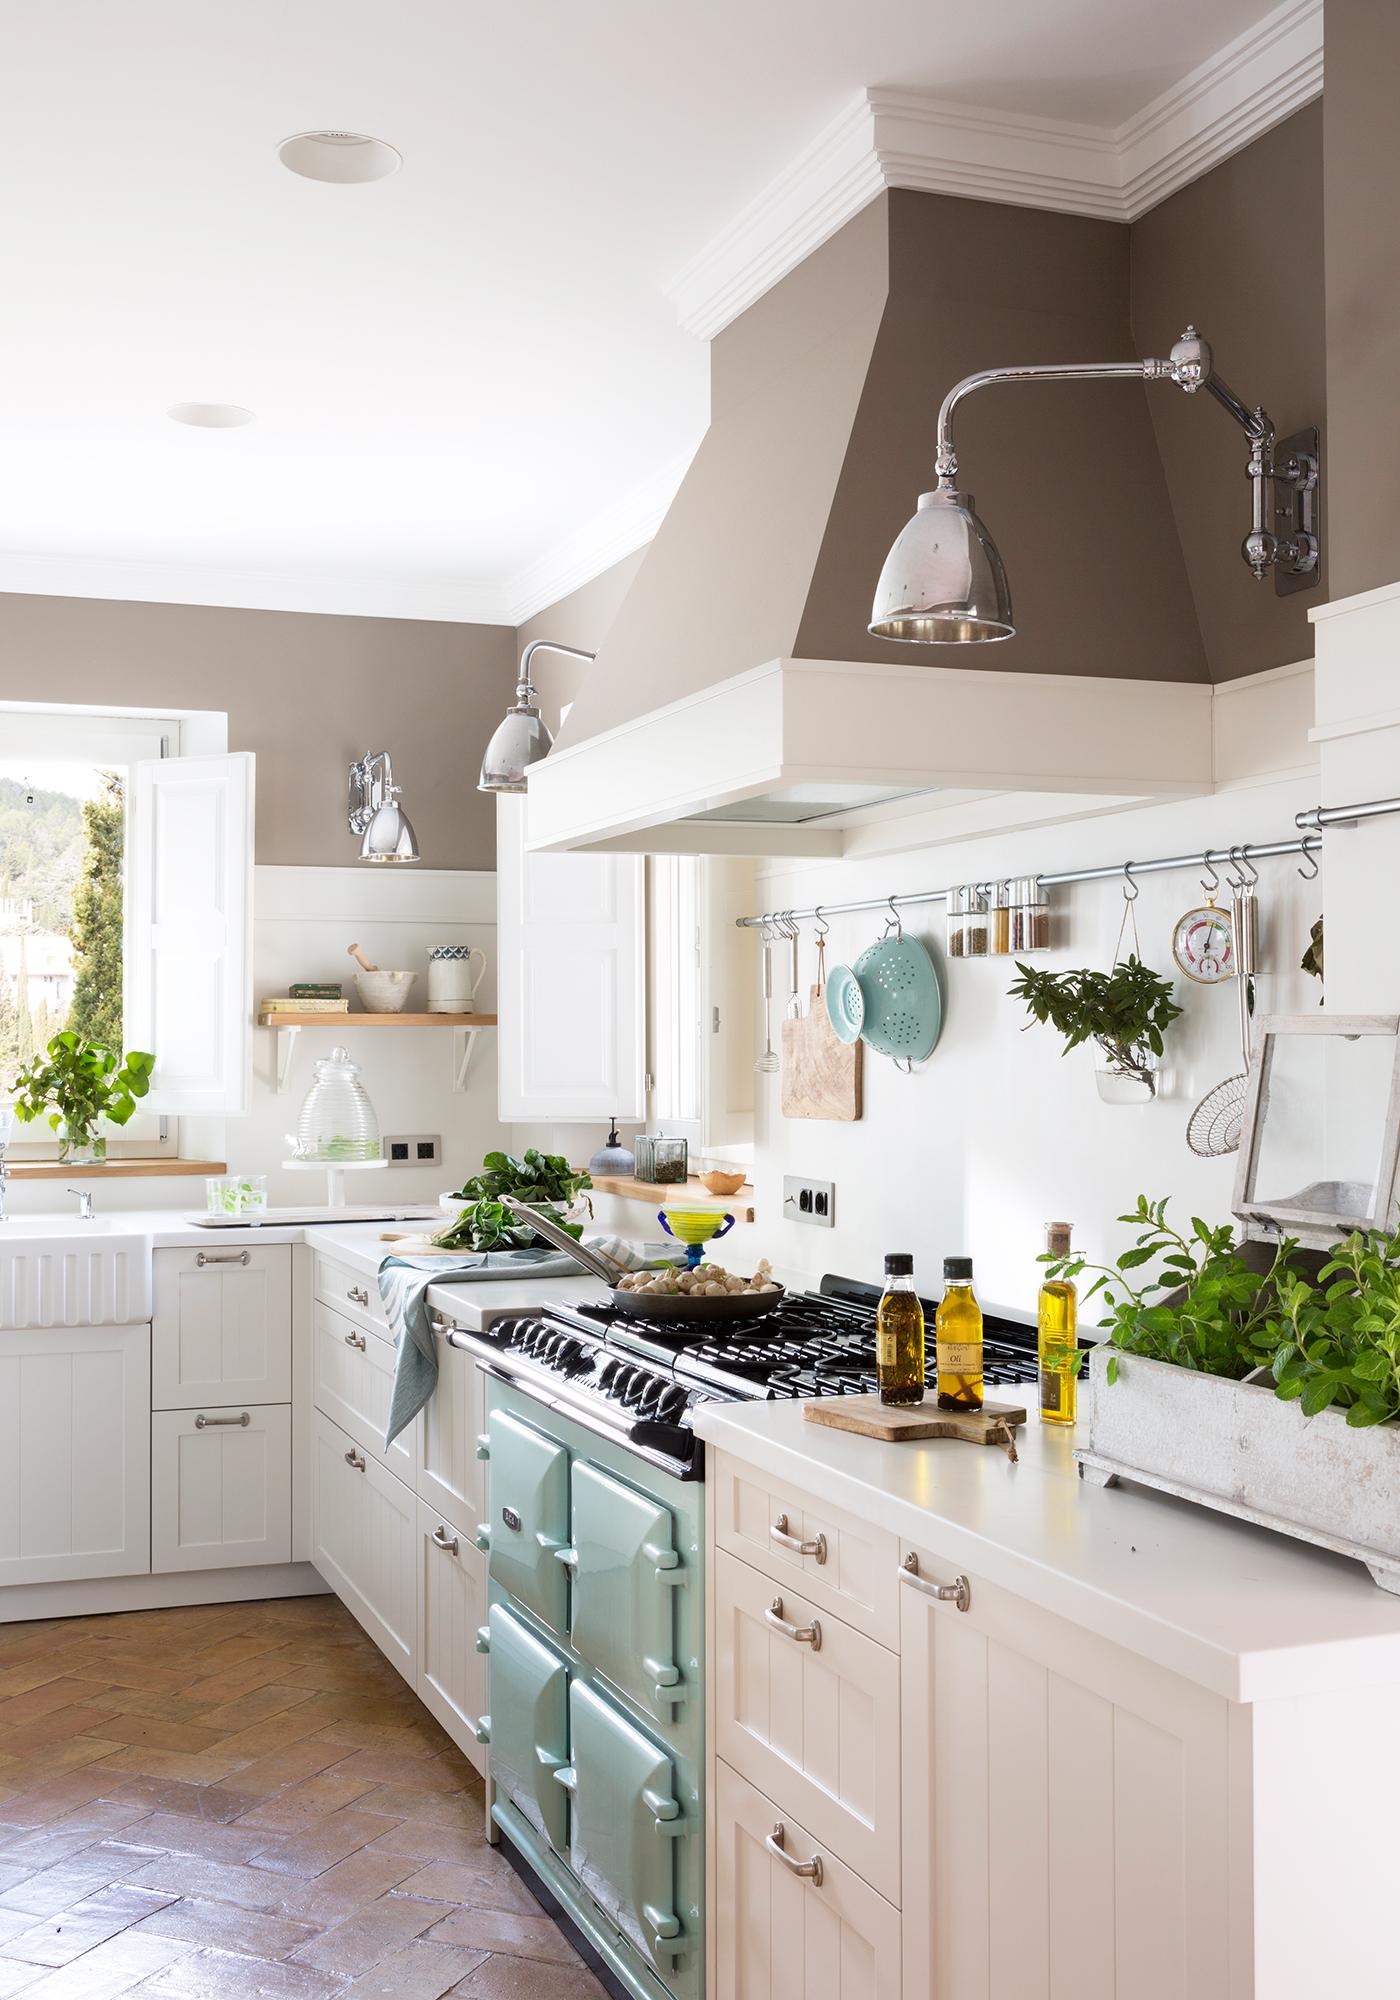 ec41d8fee Cocina con muebles en blanco y pared en gris_ 00455007. 5. Zonifica con la